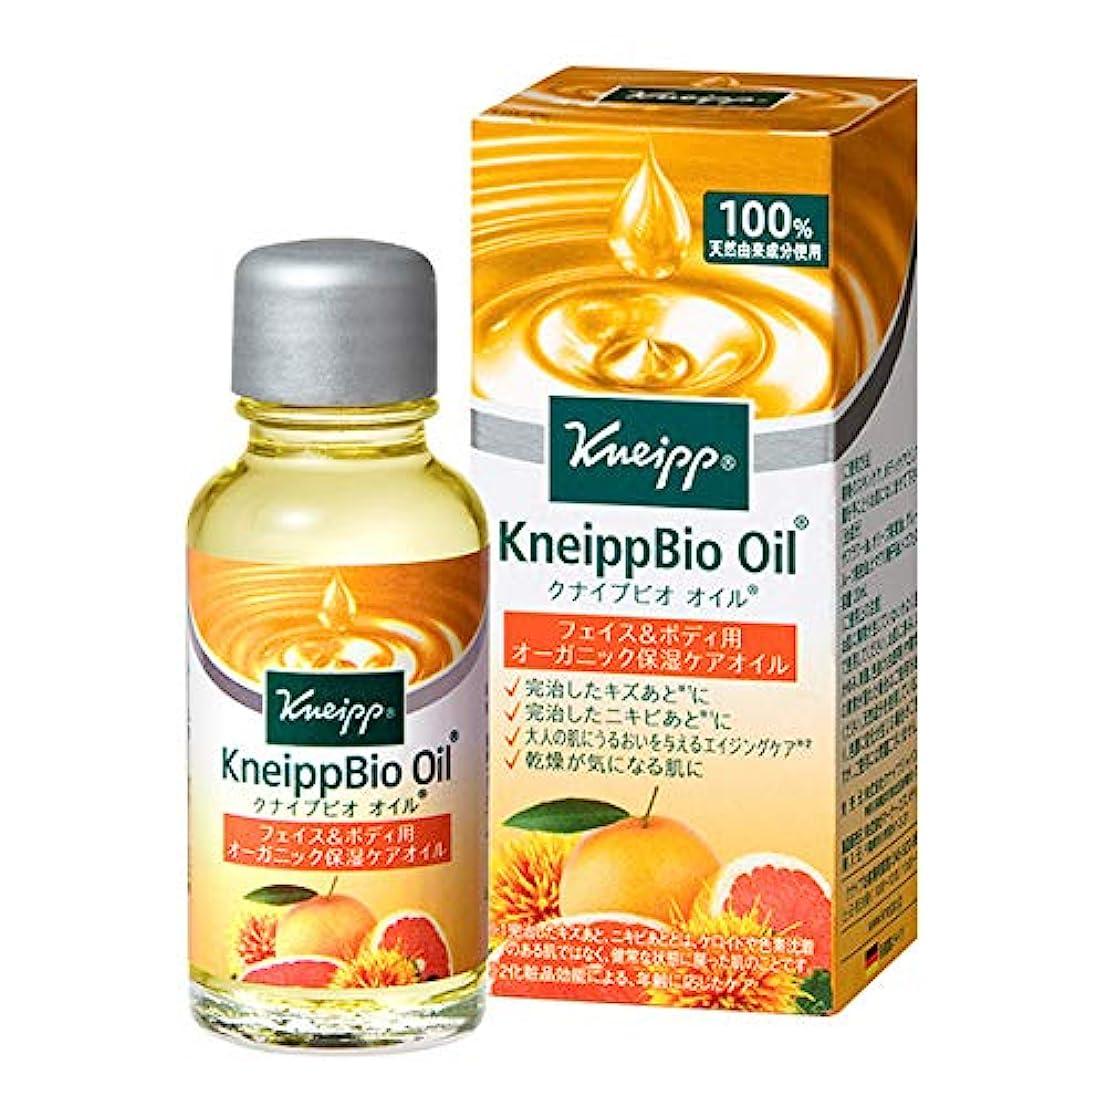 管理市の中心部インターネットクナイプ(Kneipp) クナイプビオ オイル20mL 美容液